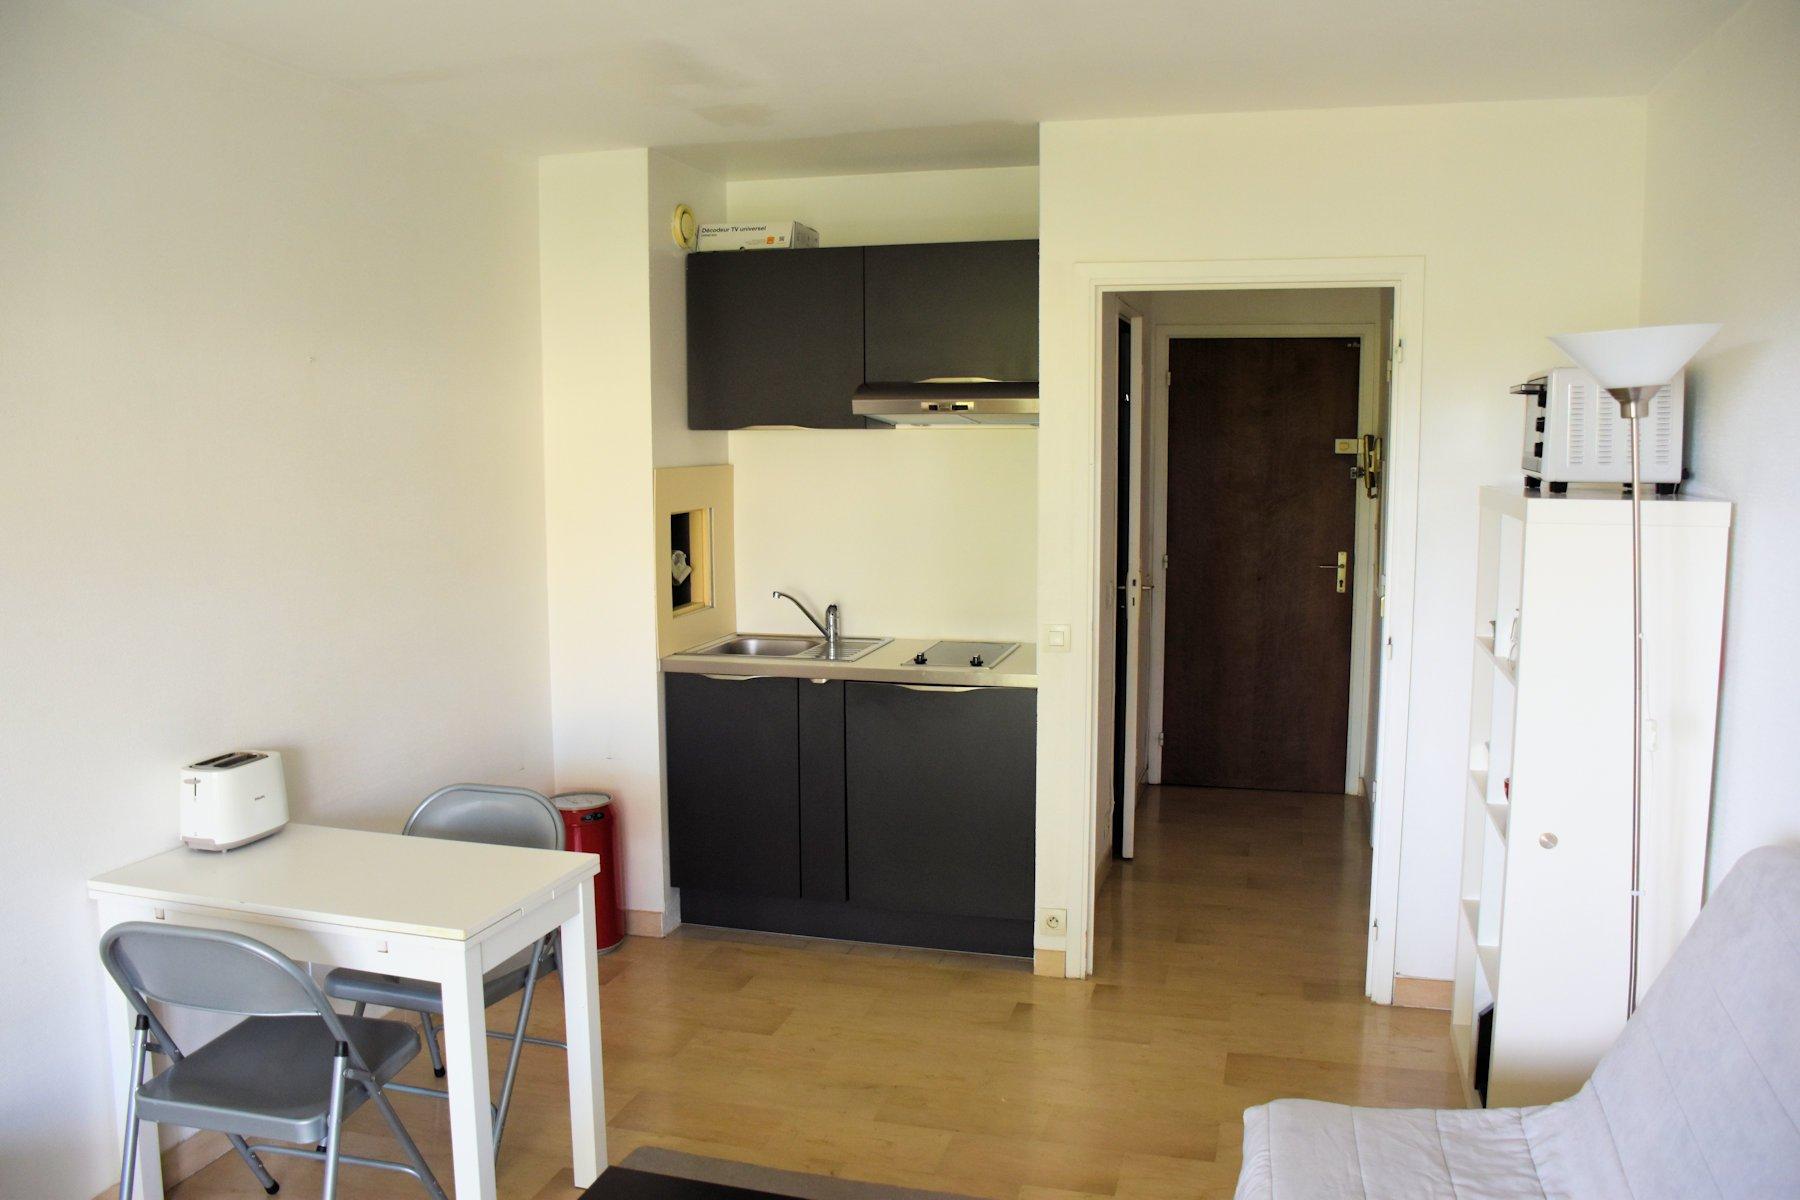 Studio meublé + pkg à louer Nice Ouest Bas Fabron